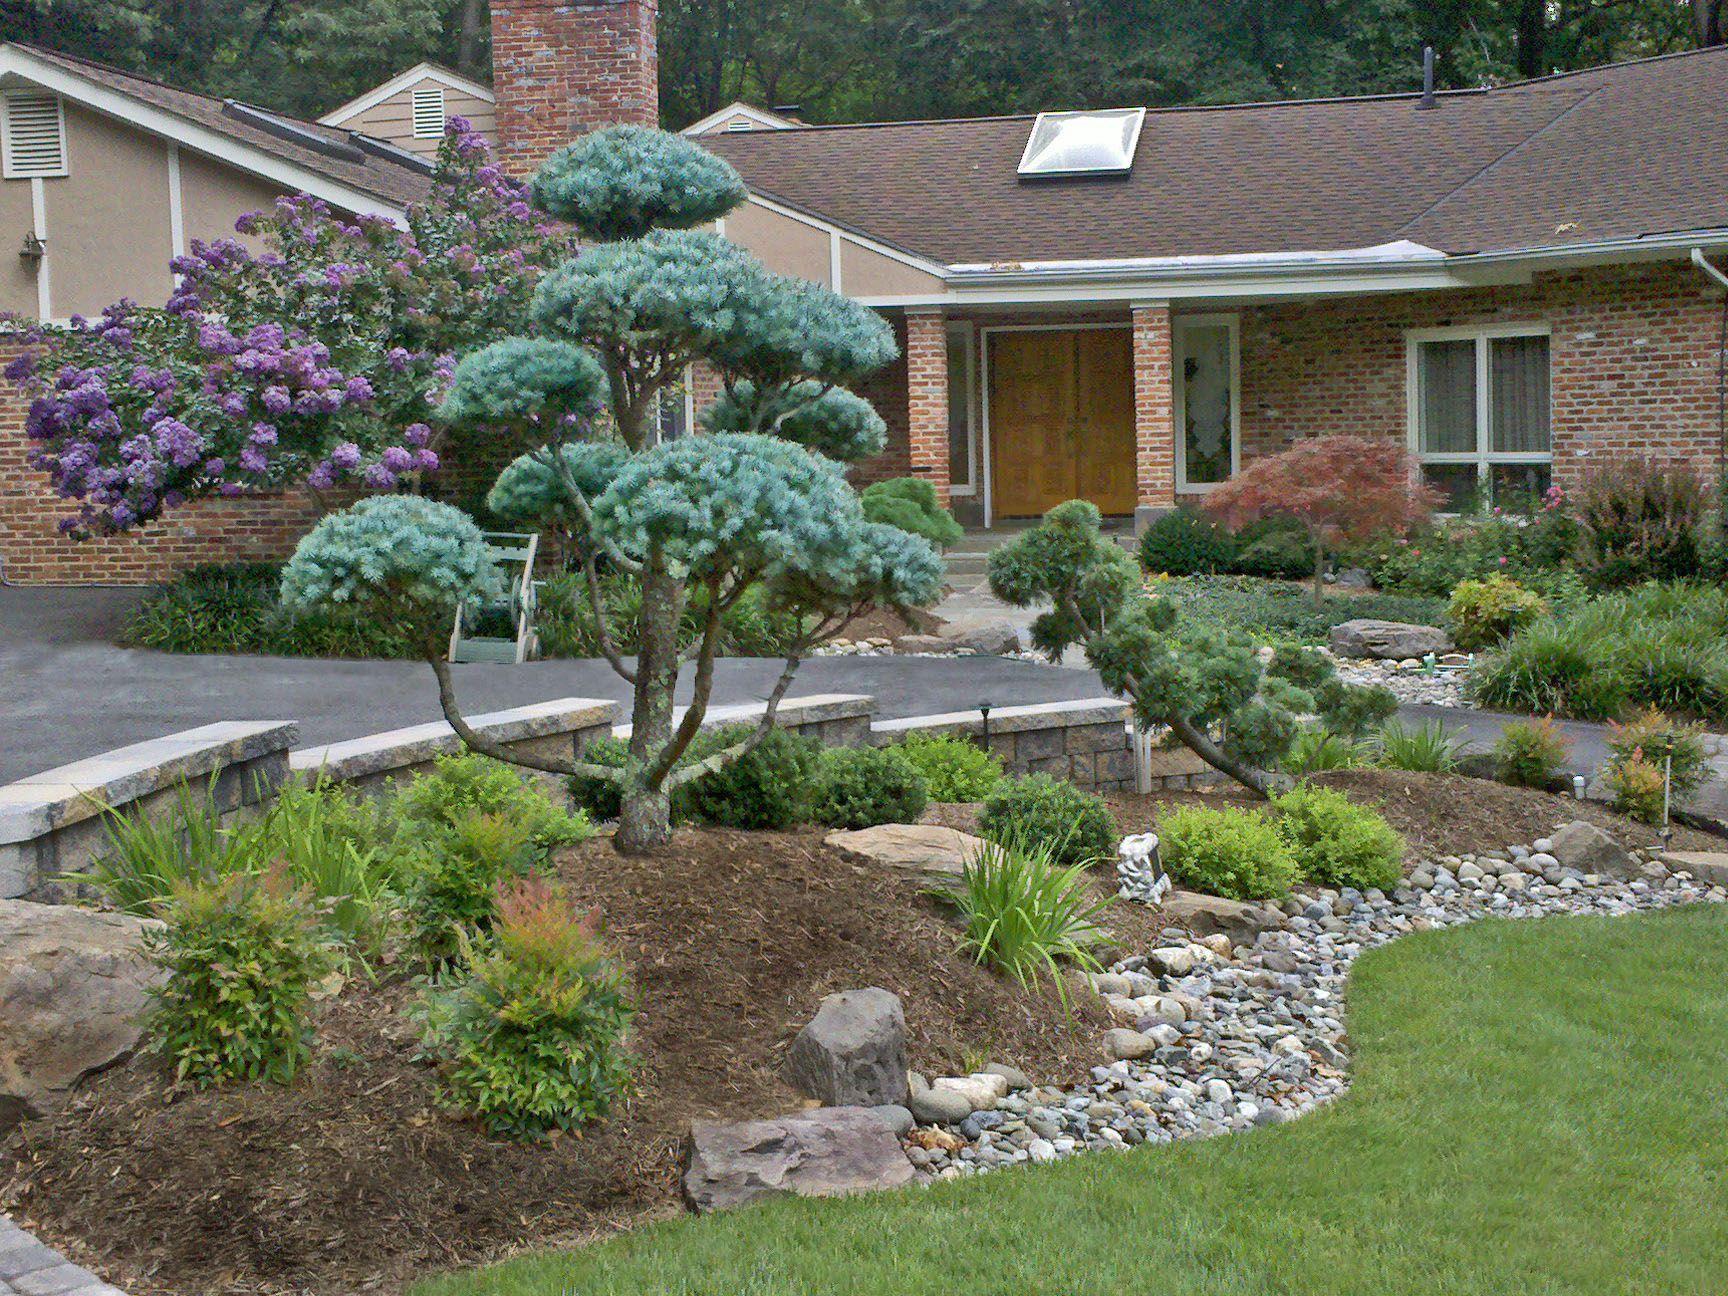 house entrance garden ideas photo - 1